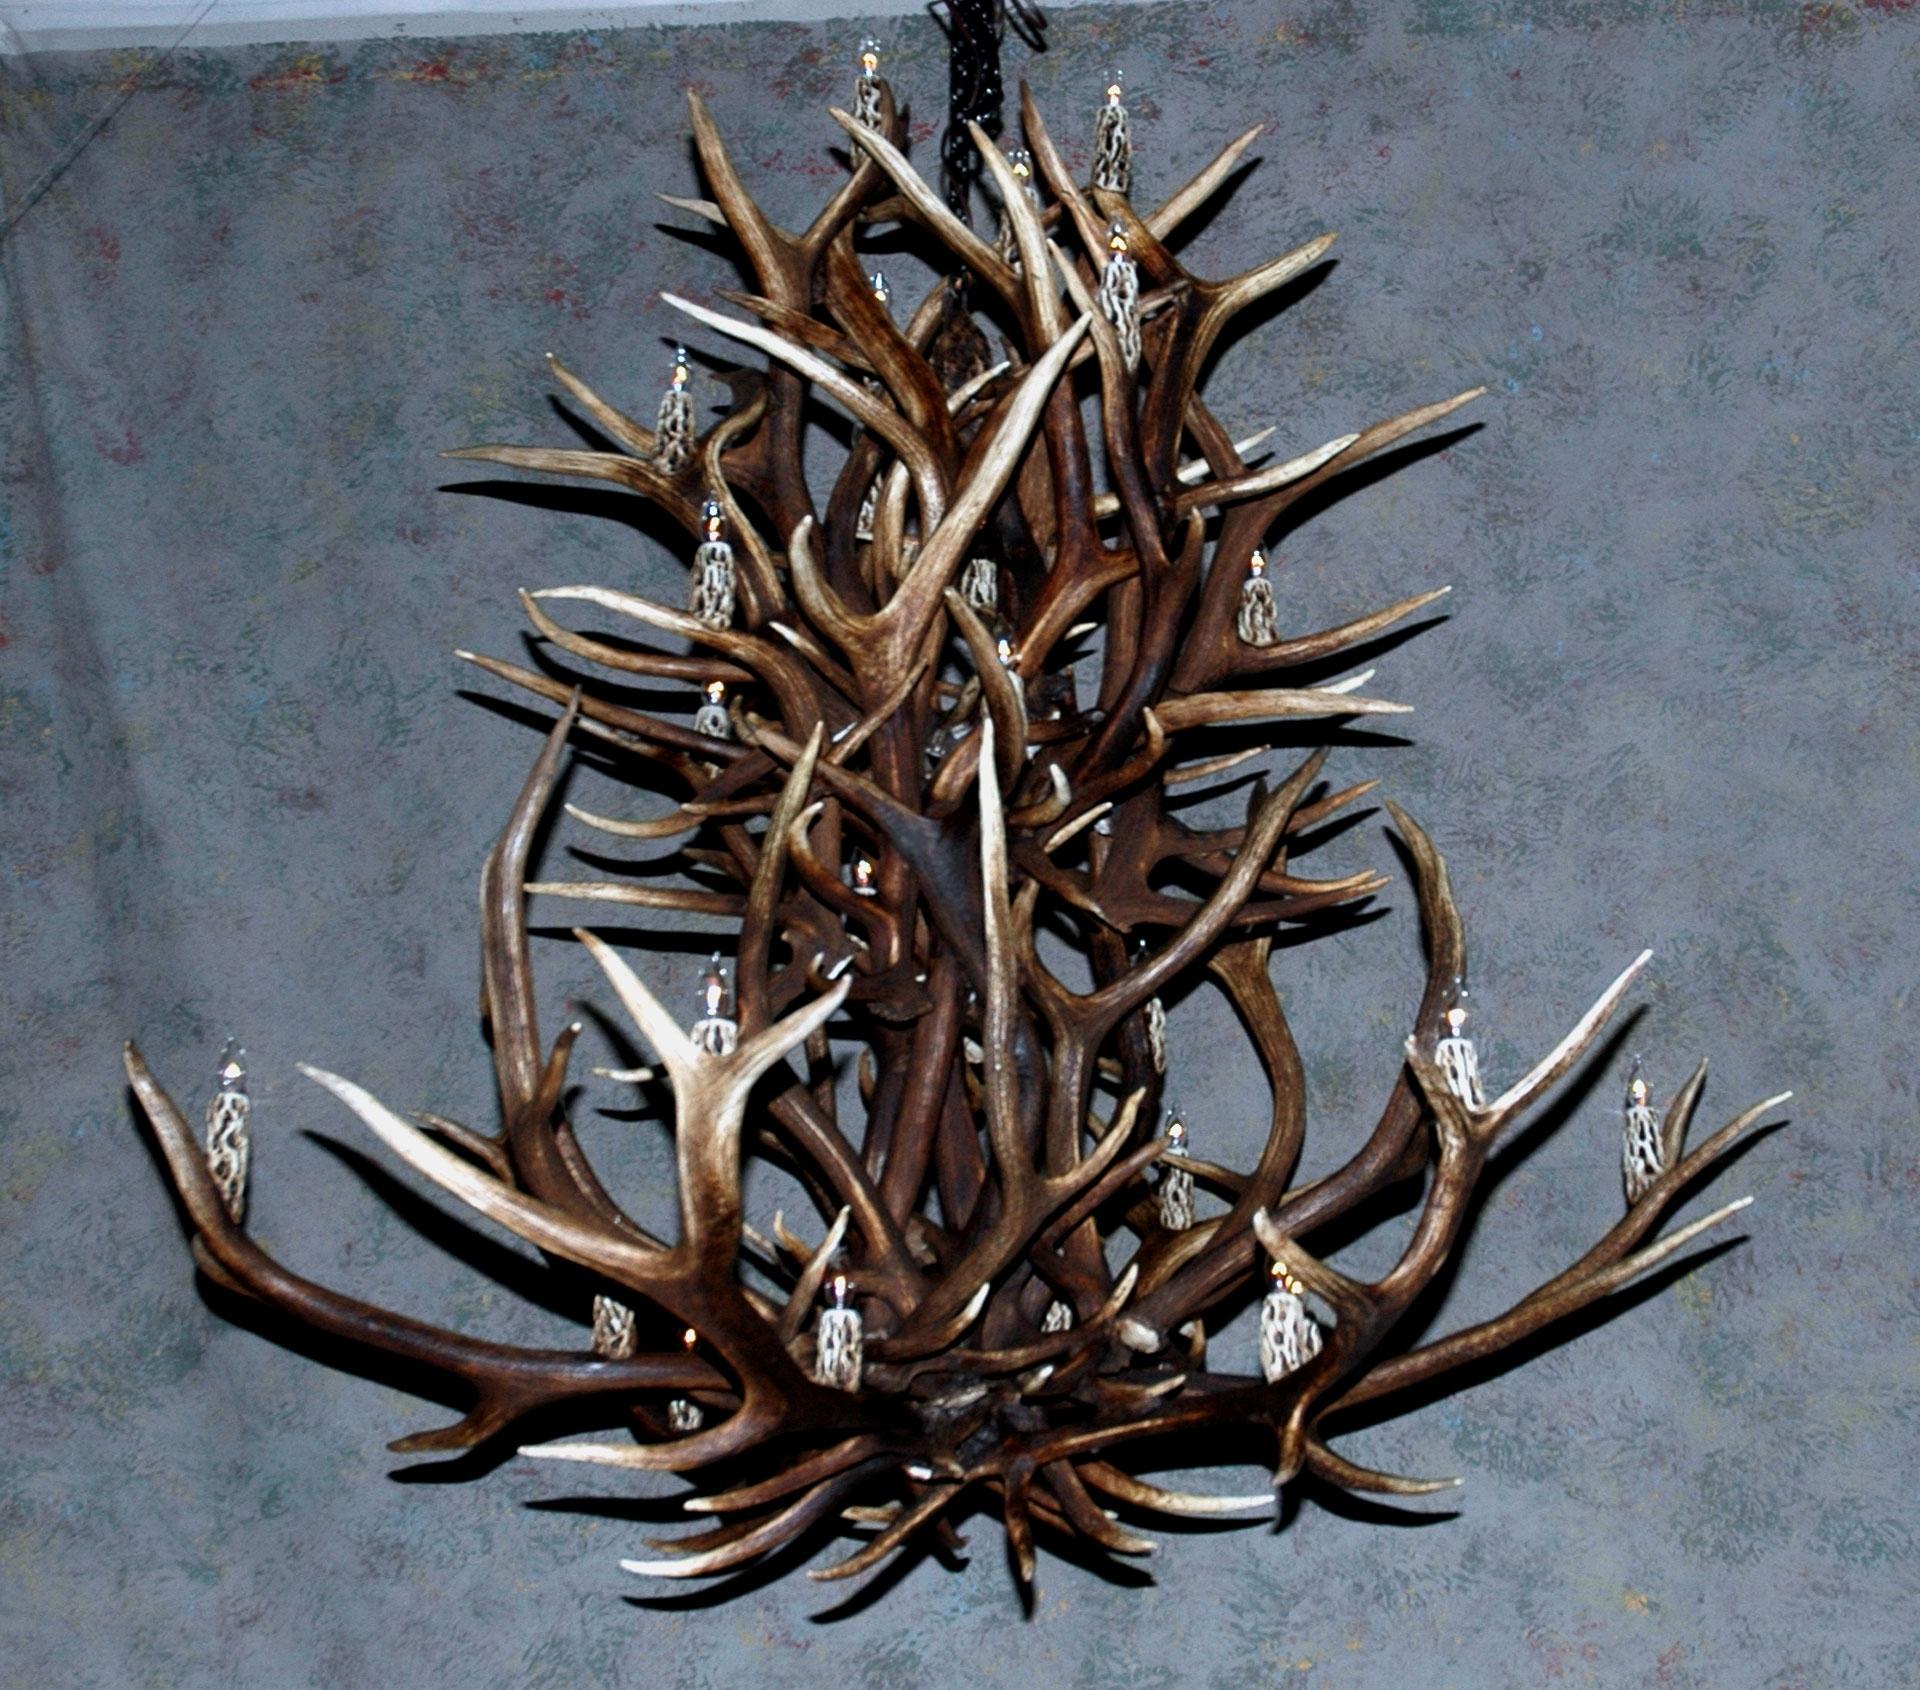 Newest Antler Chandeliers, Deer Antler Chandelier, Deer Antler Lamps Inside Large Antler Chandelier (Gallery 6 of 20)